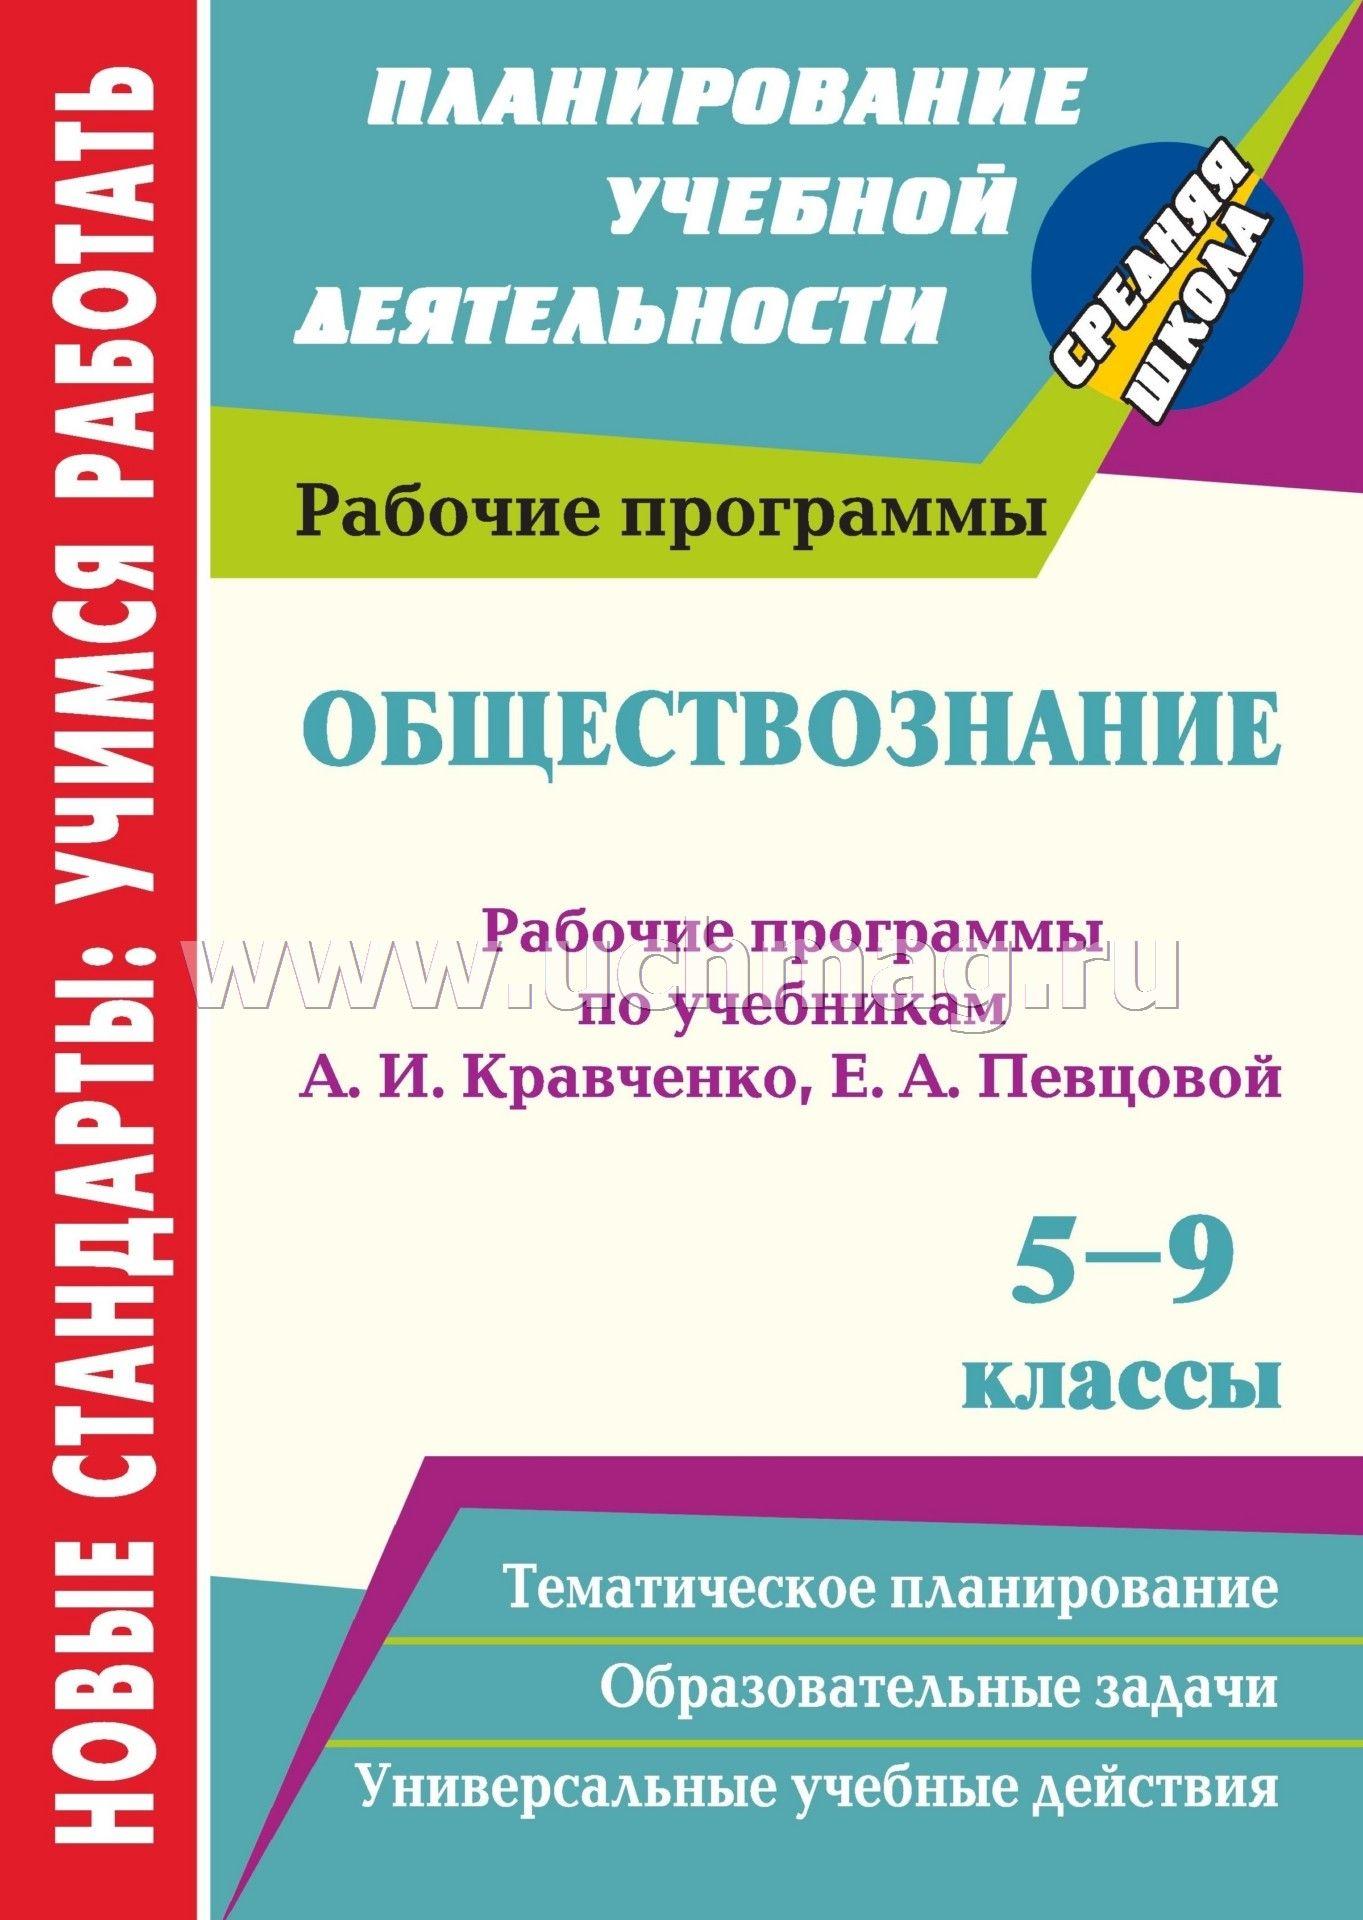 Рабочая программа по обществознанию 5 класс кравченко фгос